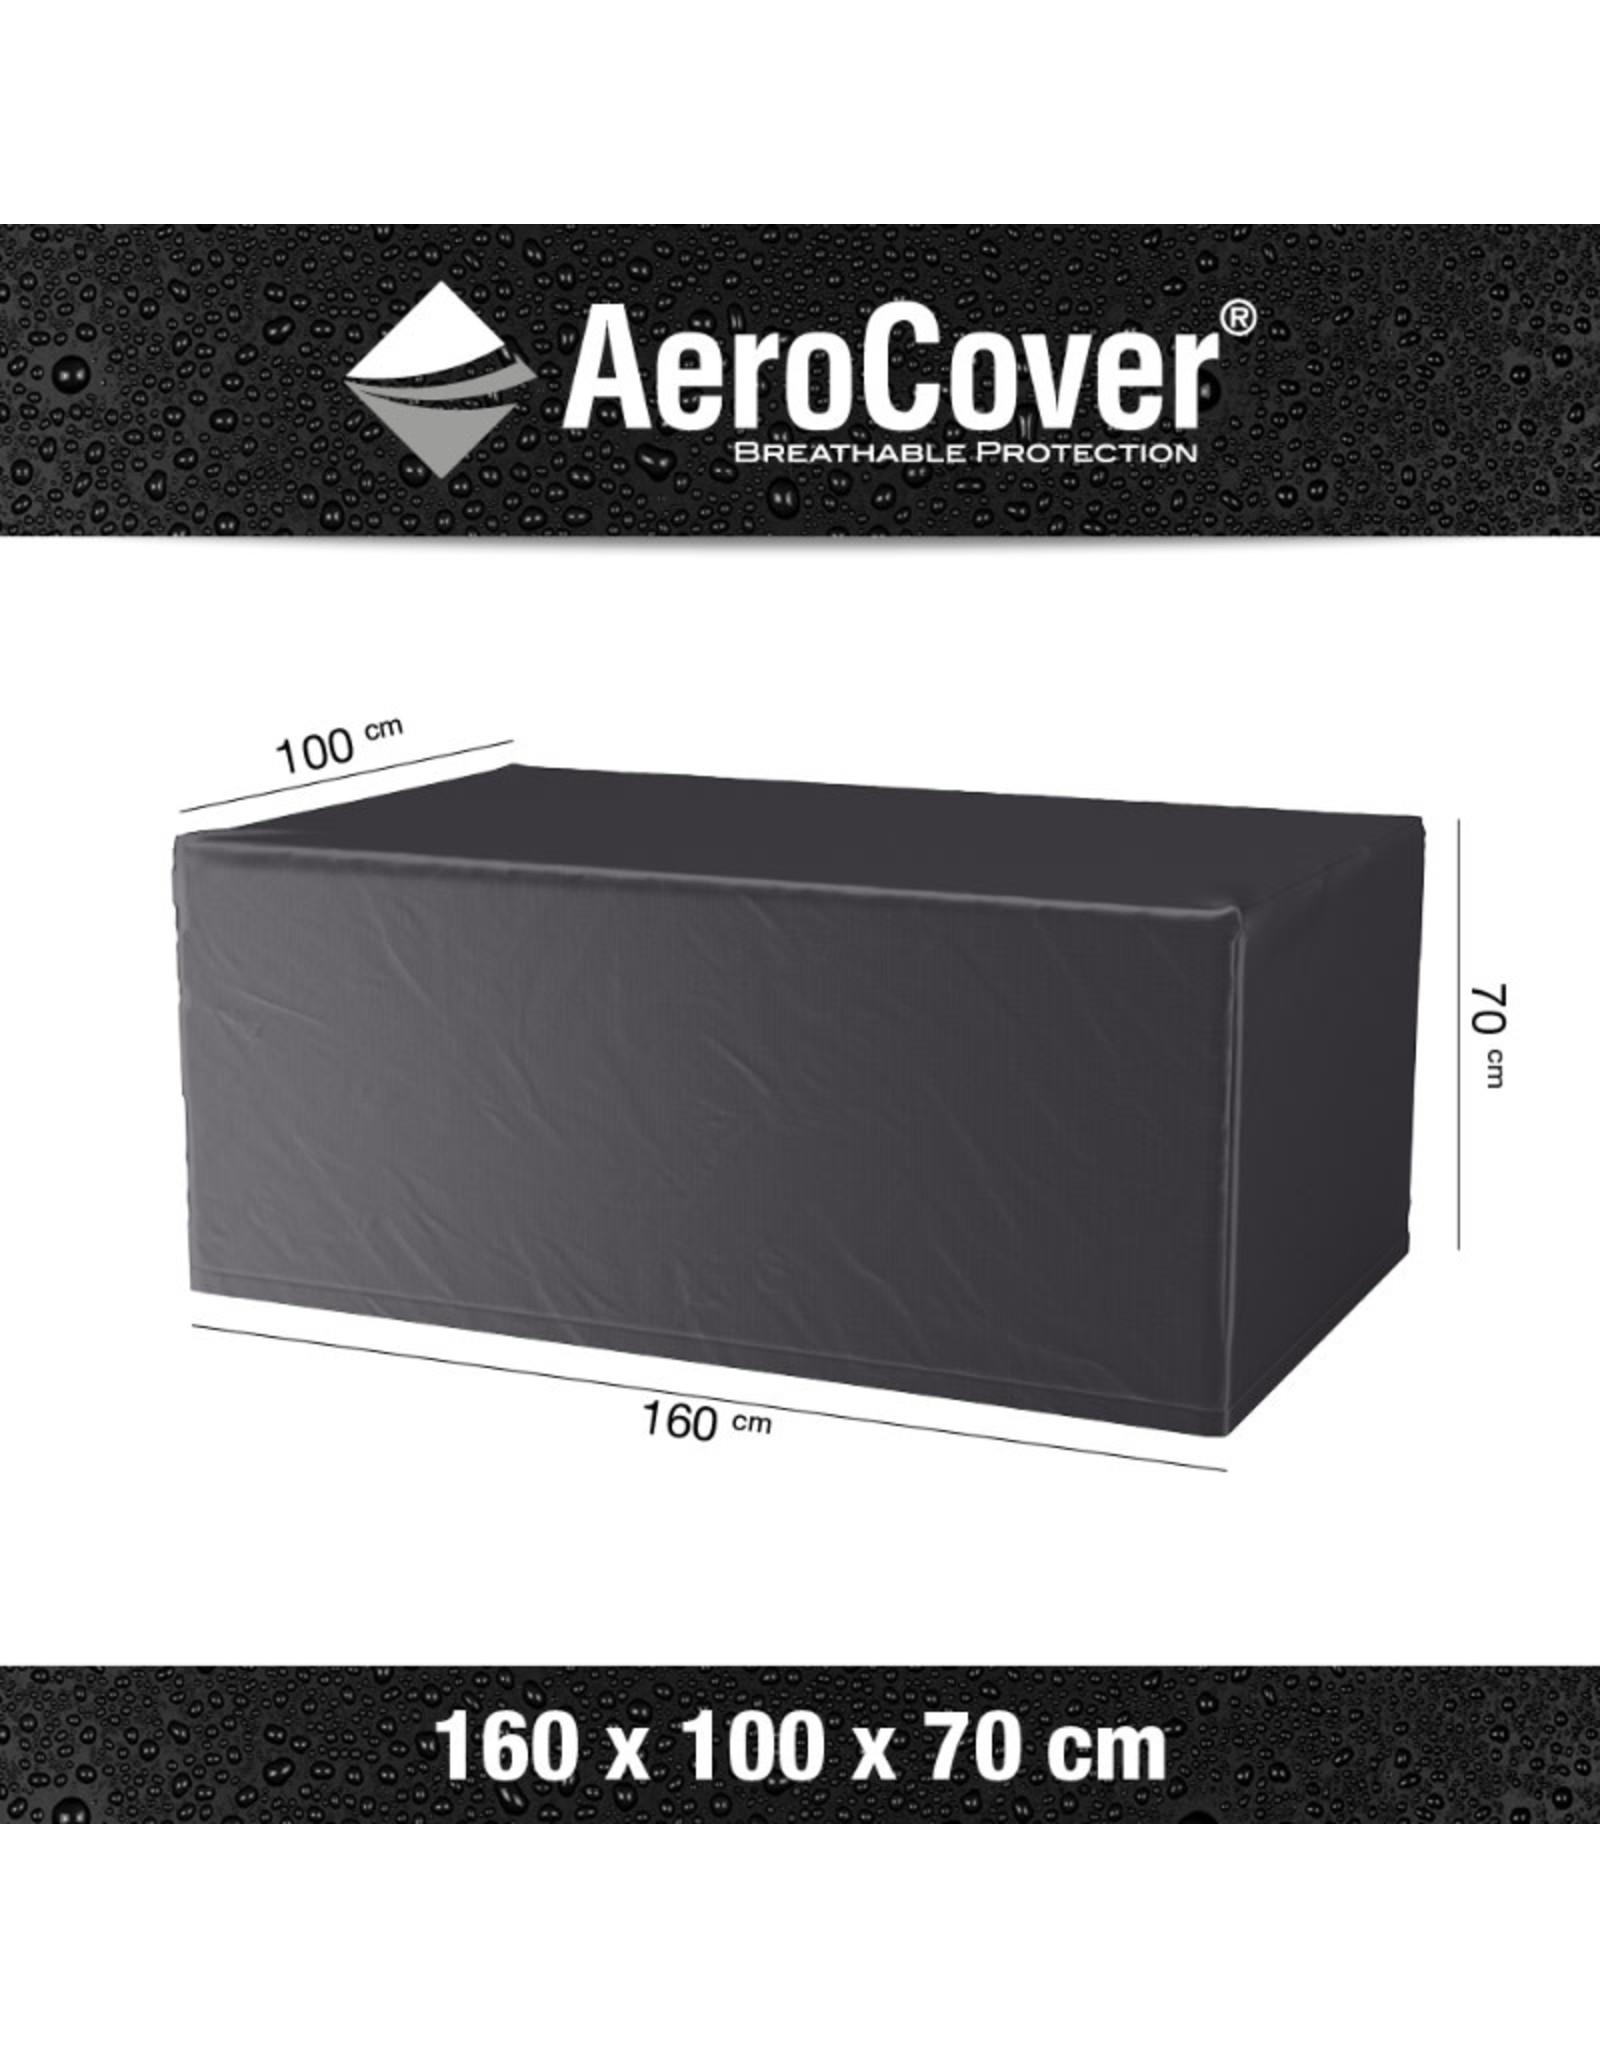 Aerocover AeroCover Tuintafelhoes 160x100xH70